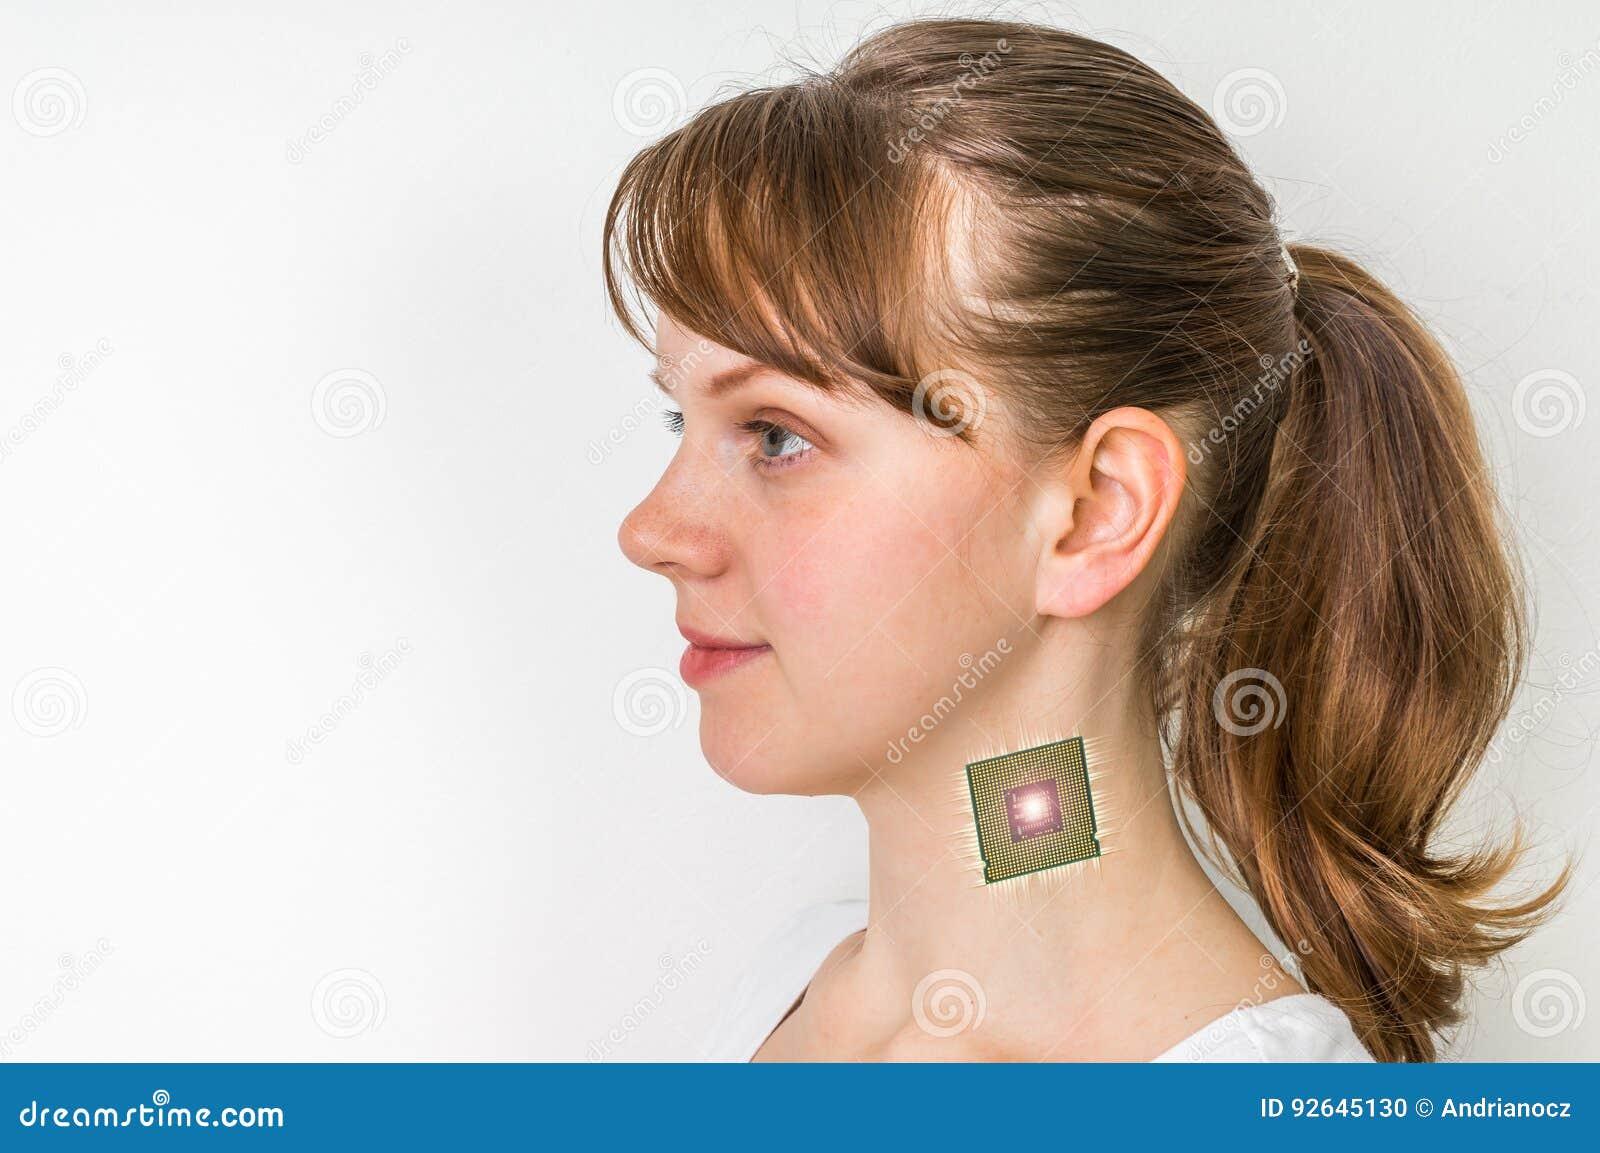 Βιονικό μόσχευμα επεξεργαστών τσιπ στο θηλυκό ανθρώπινο σώμα